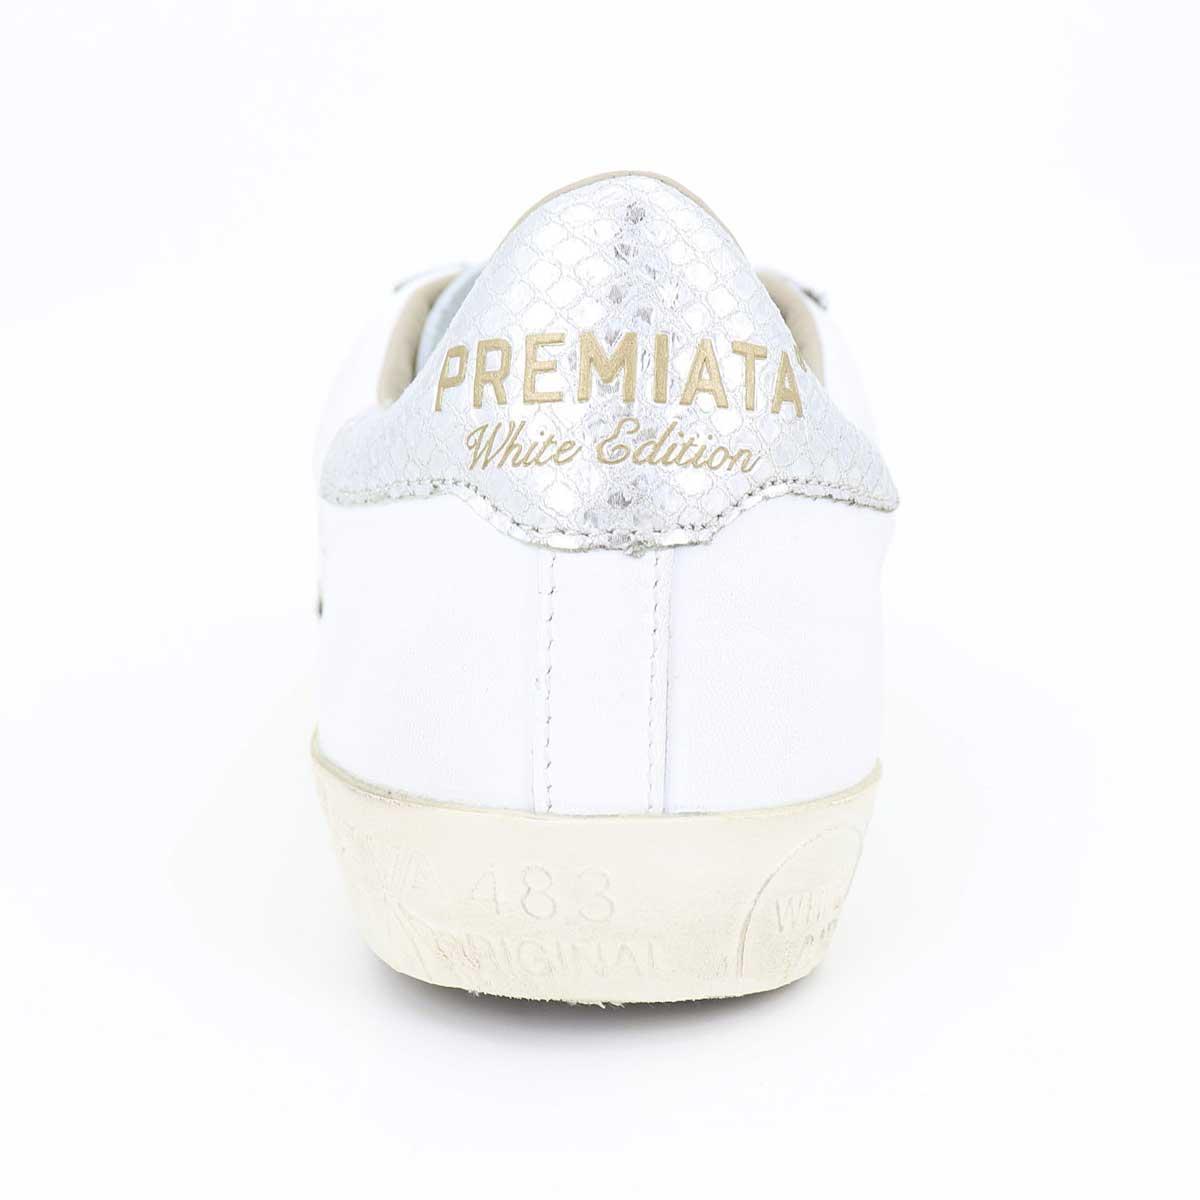 プレミアータホワイト PREMIATA WHITE メンズ レザー ローカットスニーカー STEVEN 4717 WH/SV(ホワイト×シルバー)